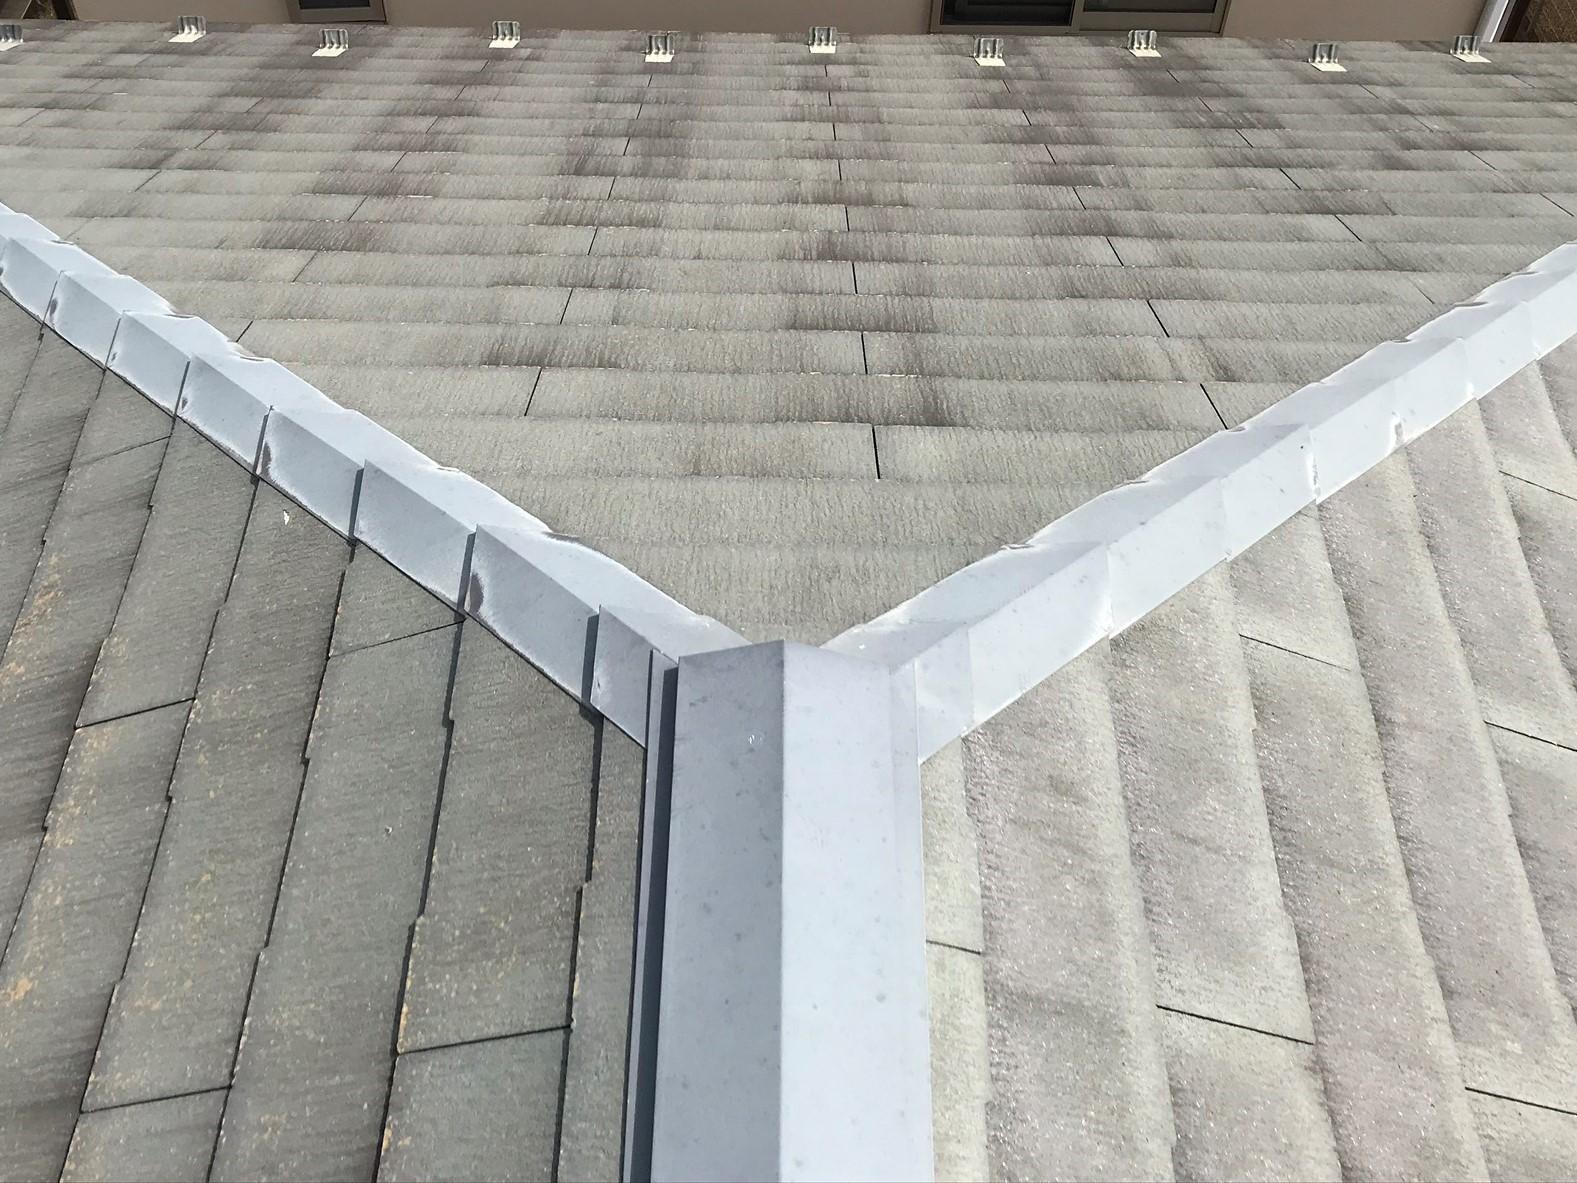 伊奈町学園でスレート屋根の無料点検北西側